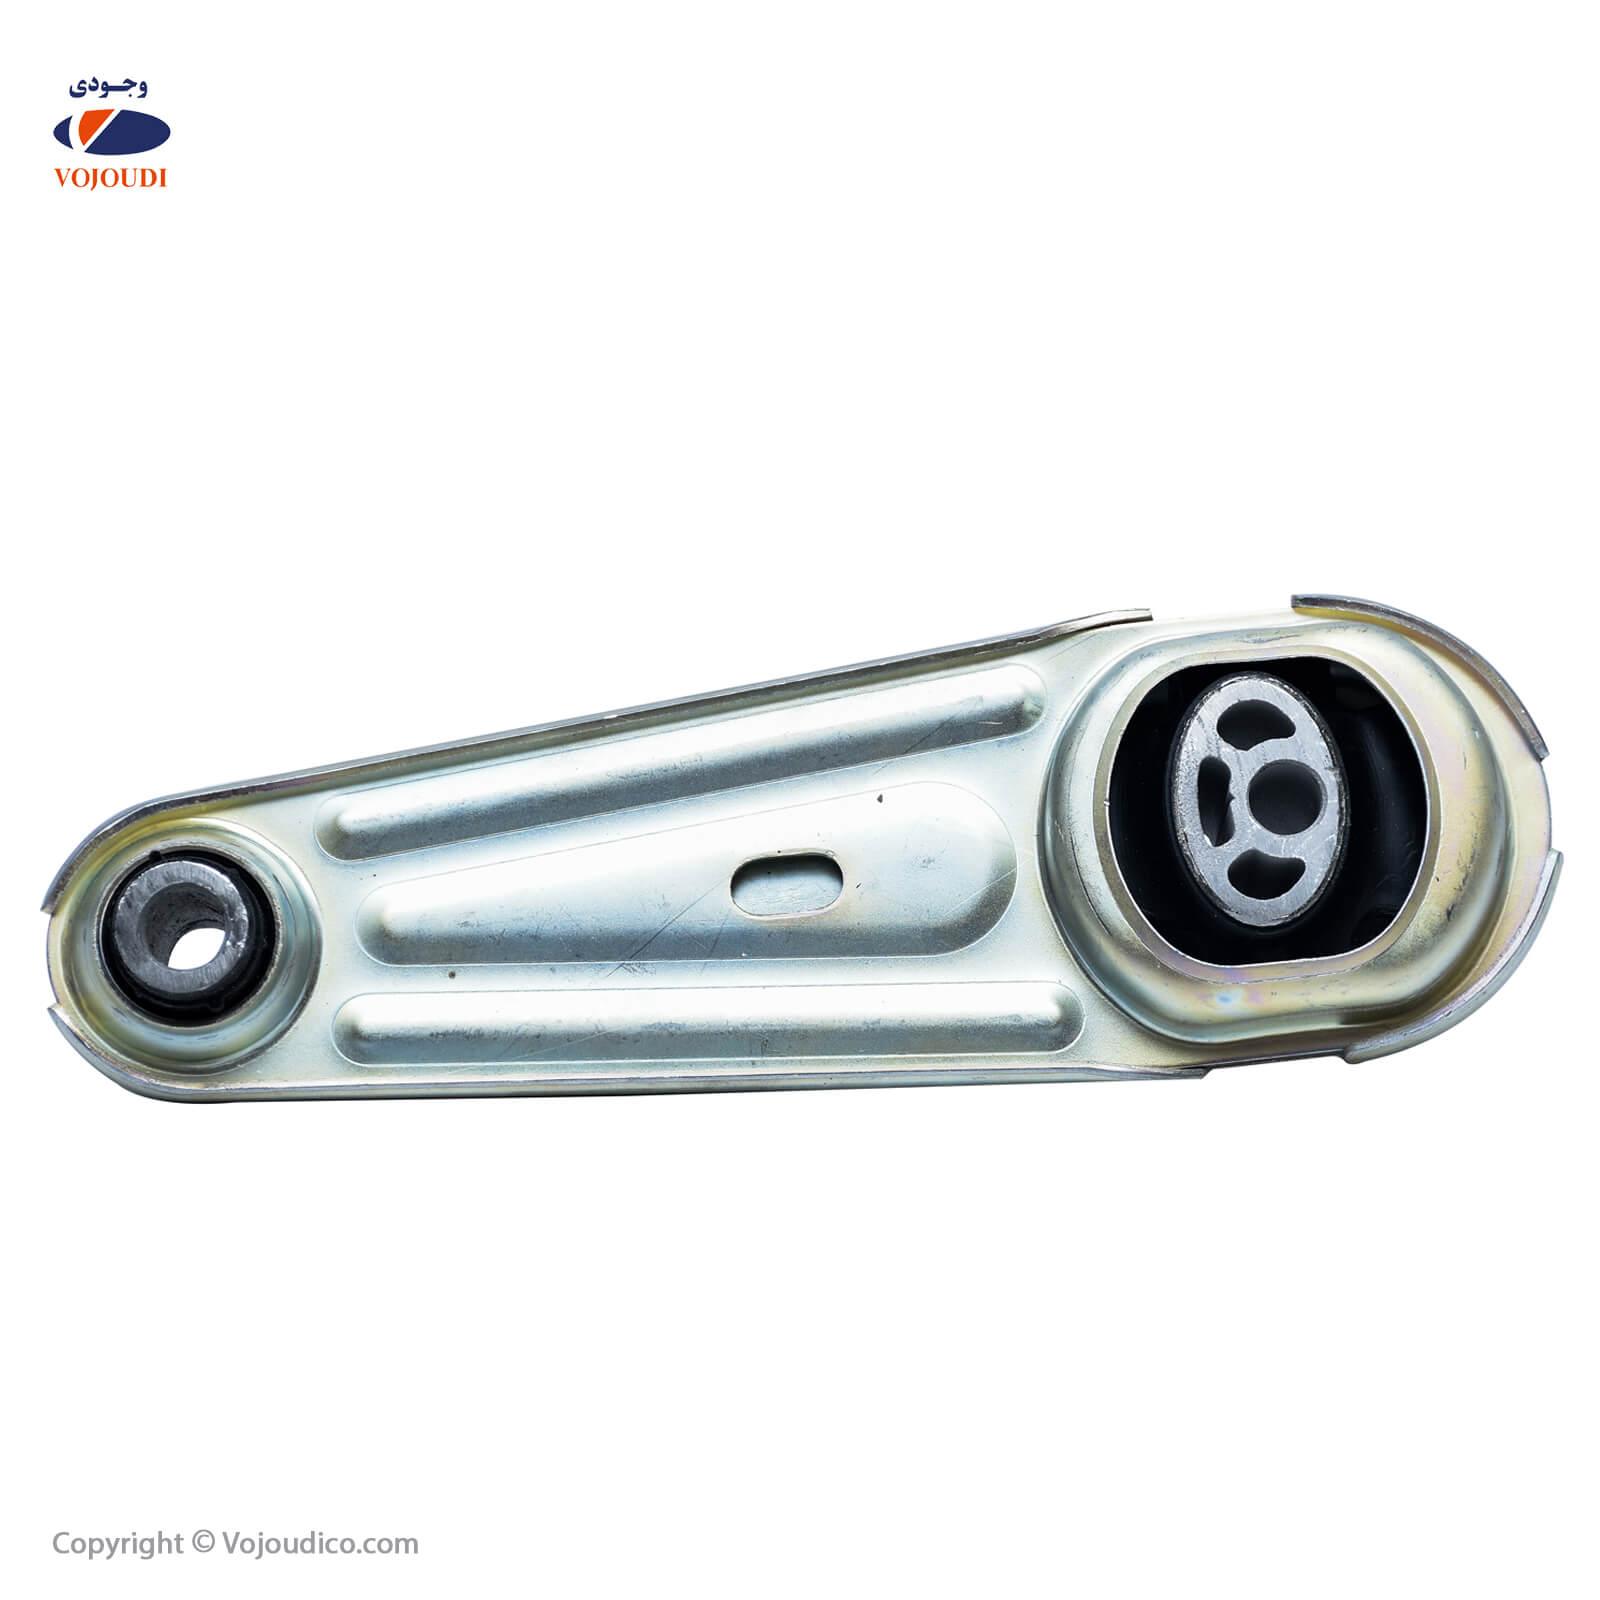 4299 1 - دسته موتور وجودی کد 4299 مناسب برای L90